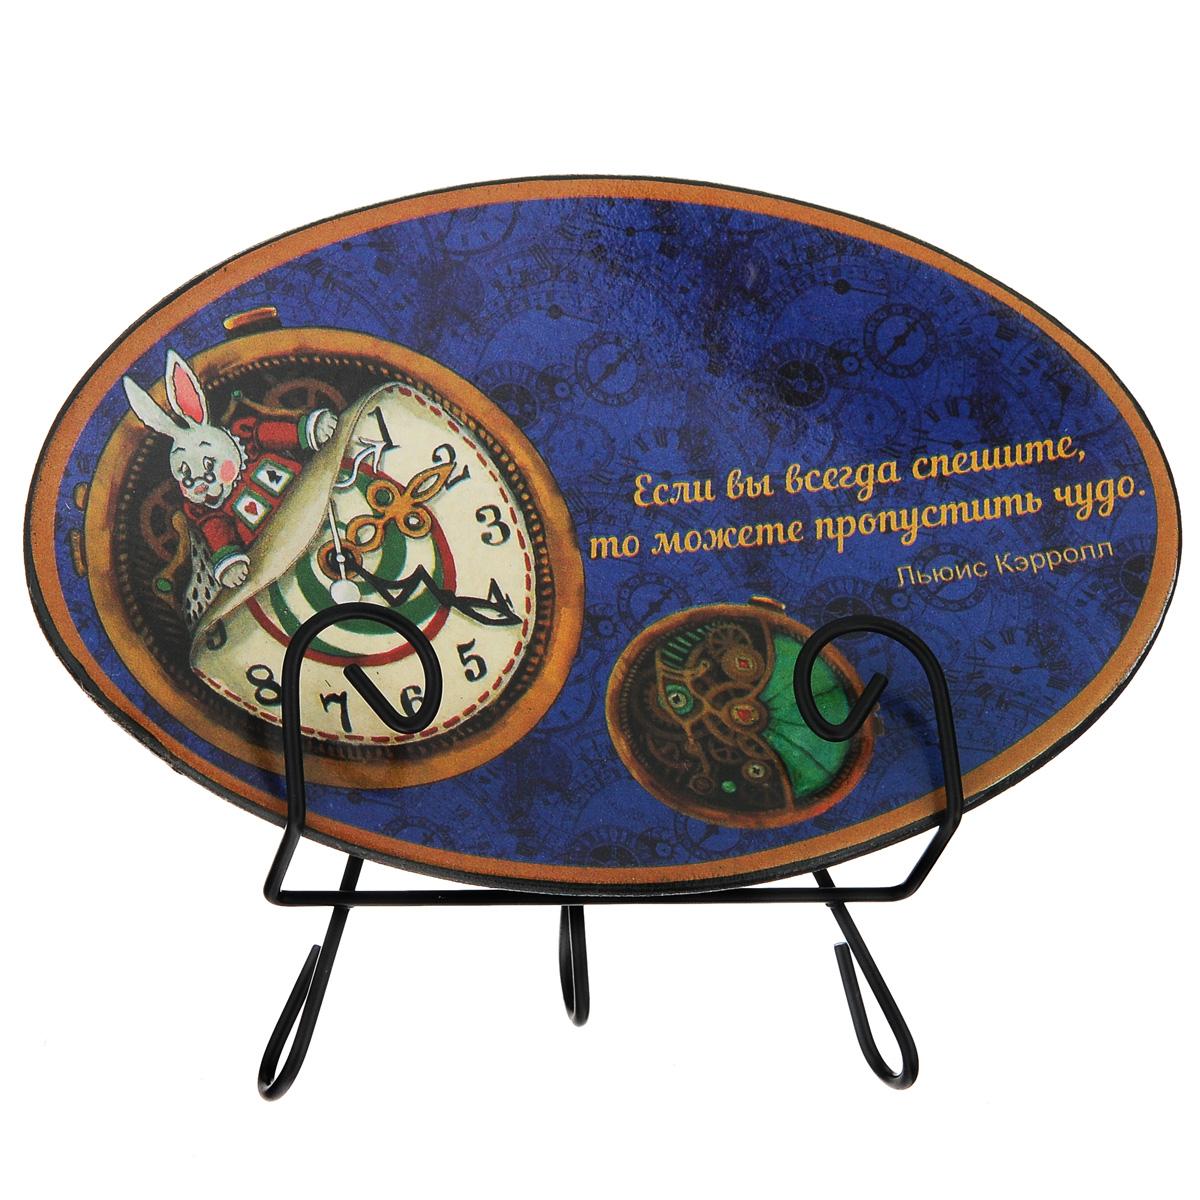 Тарелка декоративная Льюис Кэрролл, на подставке, 15 х 10 см36248Декоративная тарелка на подставке станет прекрасным дополнением к декору практически любого помещения, будь то кухня, столовая, гостиная, холл или рабочий кабинет. Тарелка выполнена из доломитовой керамики, подставка в виде треноги, благодаря которой сувенир удобно и быстро располагается на любой горизонтальной поверхности, - из черного металла. Поверхность декорирована изображениям часов и Белого Кролика, а также цитатой из знаменитого произведения Льюиса Кэрролла: Если вы всегда спешите, то можете пропустить чудо. Очаровательная декоративная тарелка - замечательный подарок друзьям и близким людям. Размер тарелки (без подставки): 15,2 см х 10 см х 1,5 см. Размер сувенира с подставкой: 15,2 см х 8 см х 12 см.